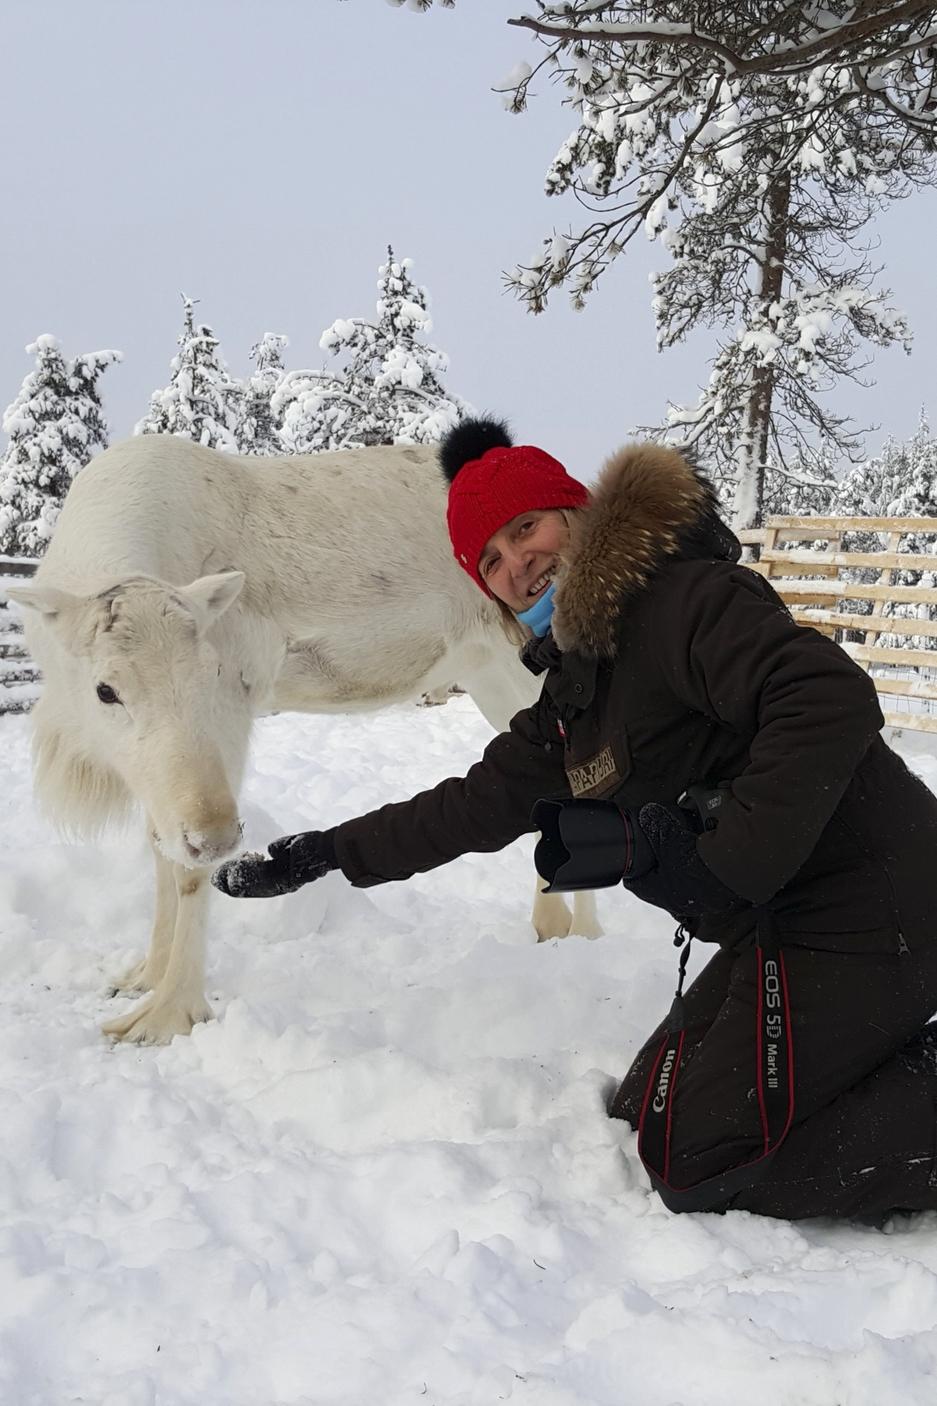 Phil-Finlande 64.jpg